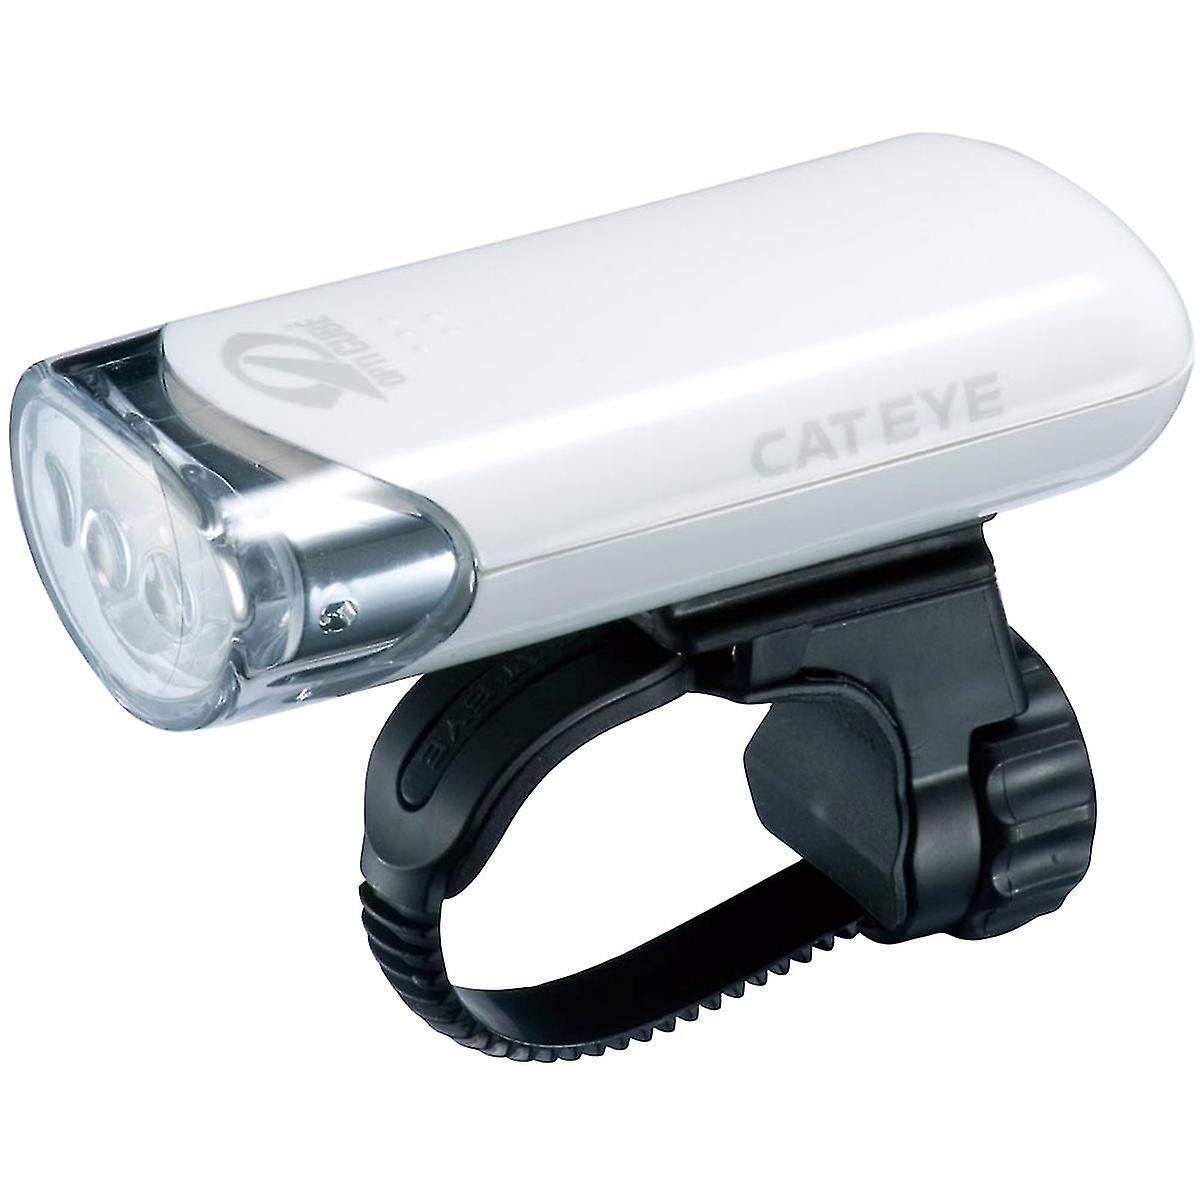 CatEye cykling strålkastare - HL-EL135N vit